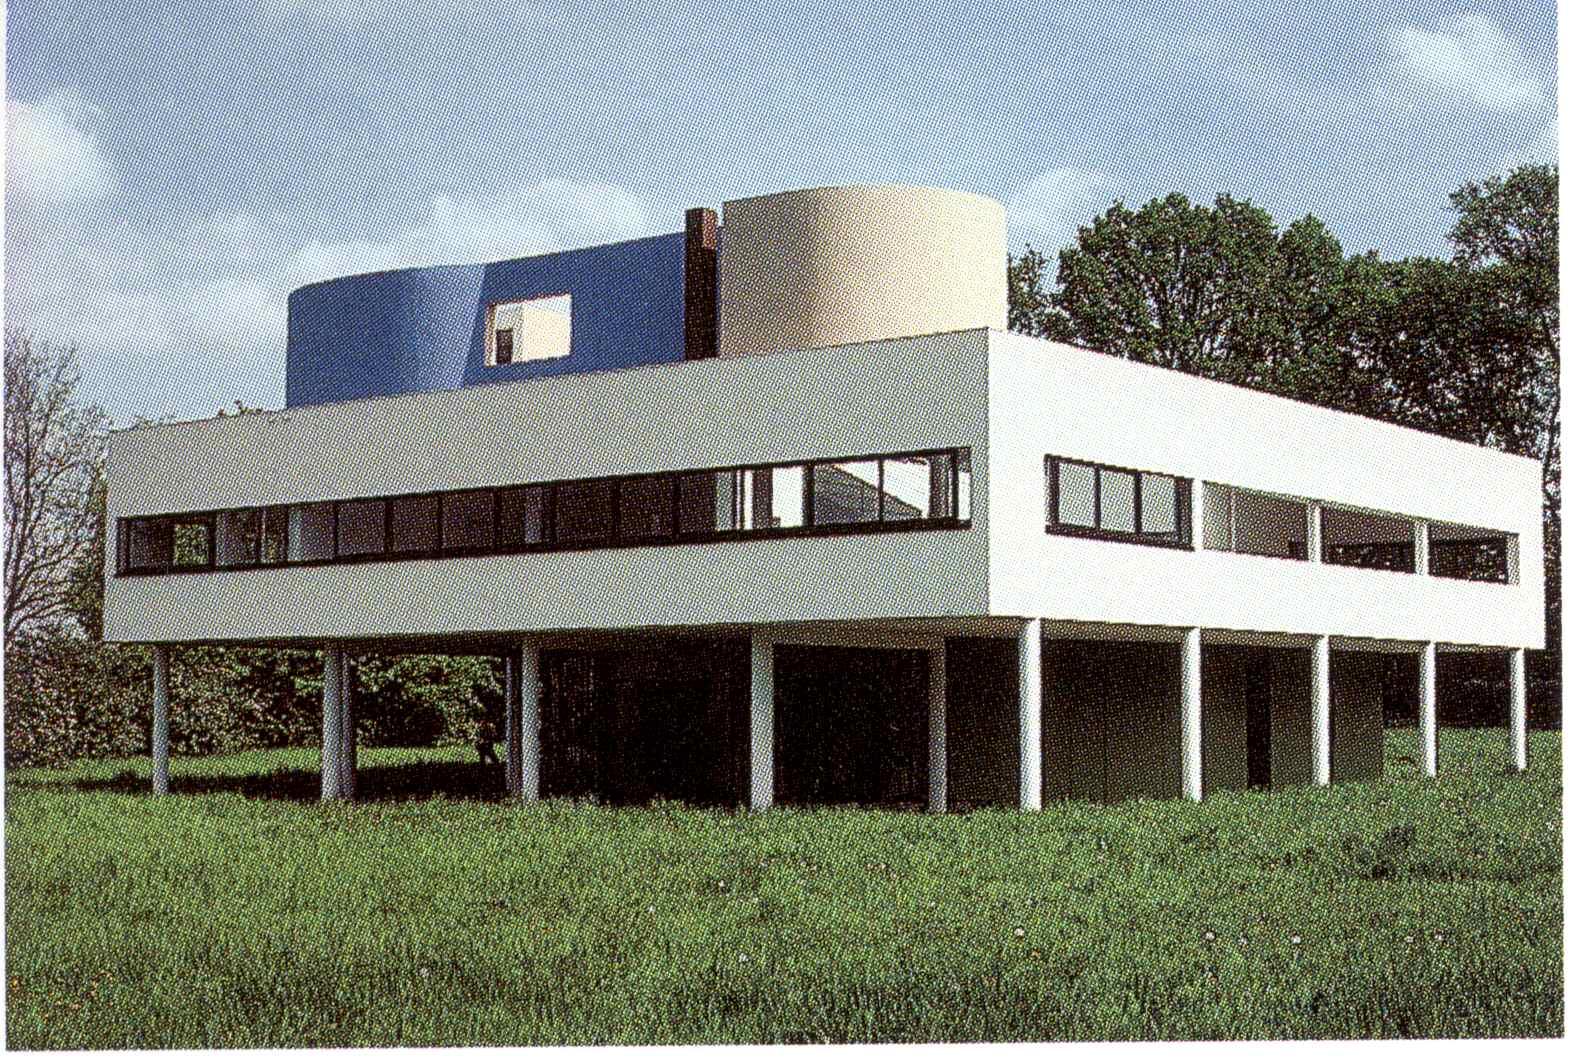 Populaire Architecture moderne, 3e, maquettes | garrus art LN97